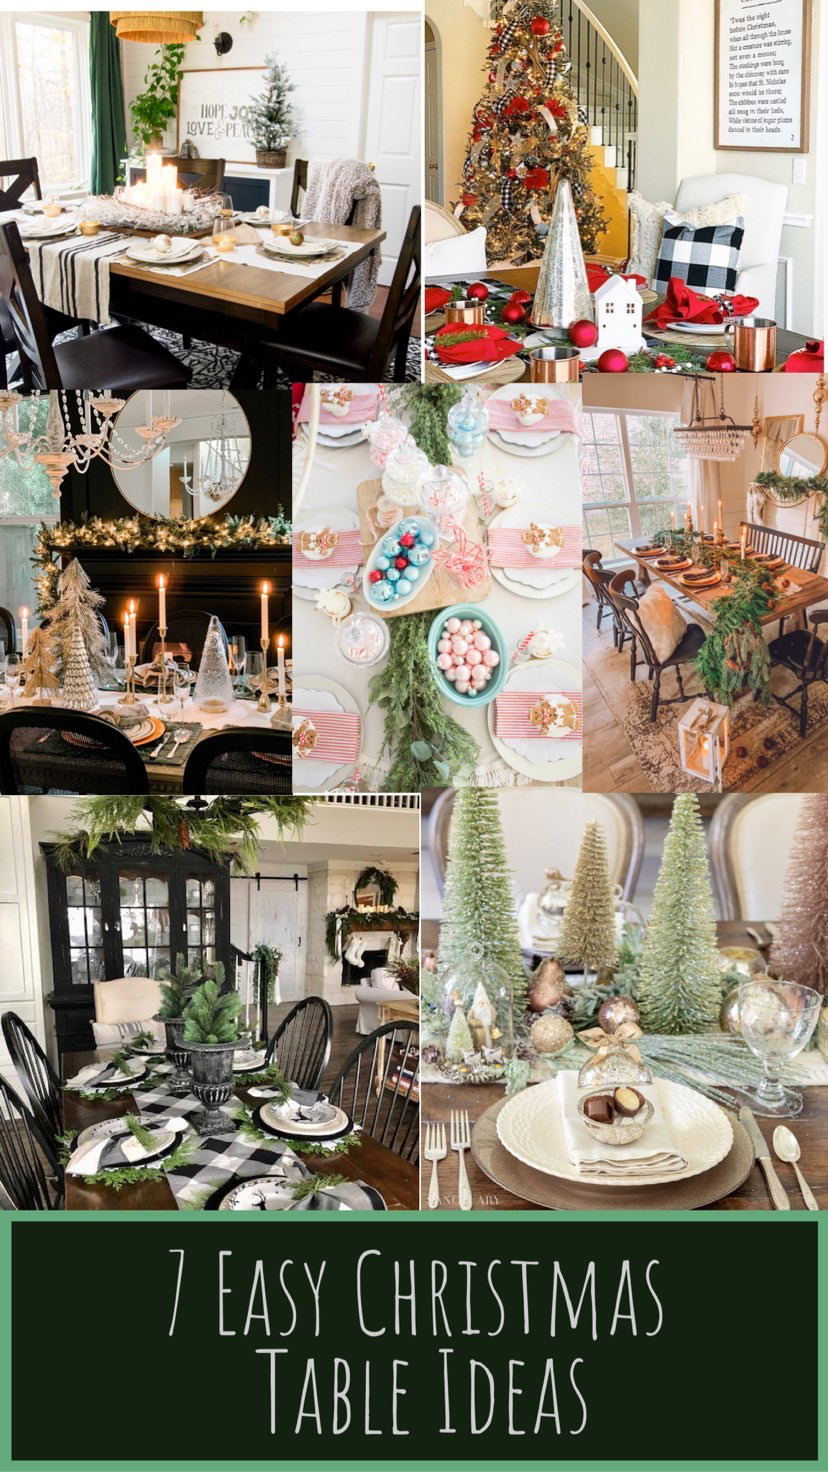 7 Easy Christmas Table Ideas